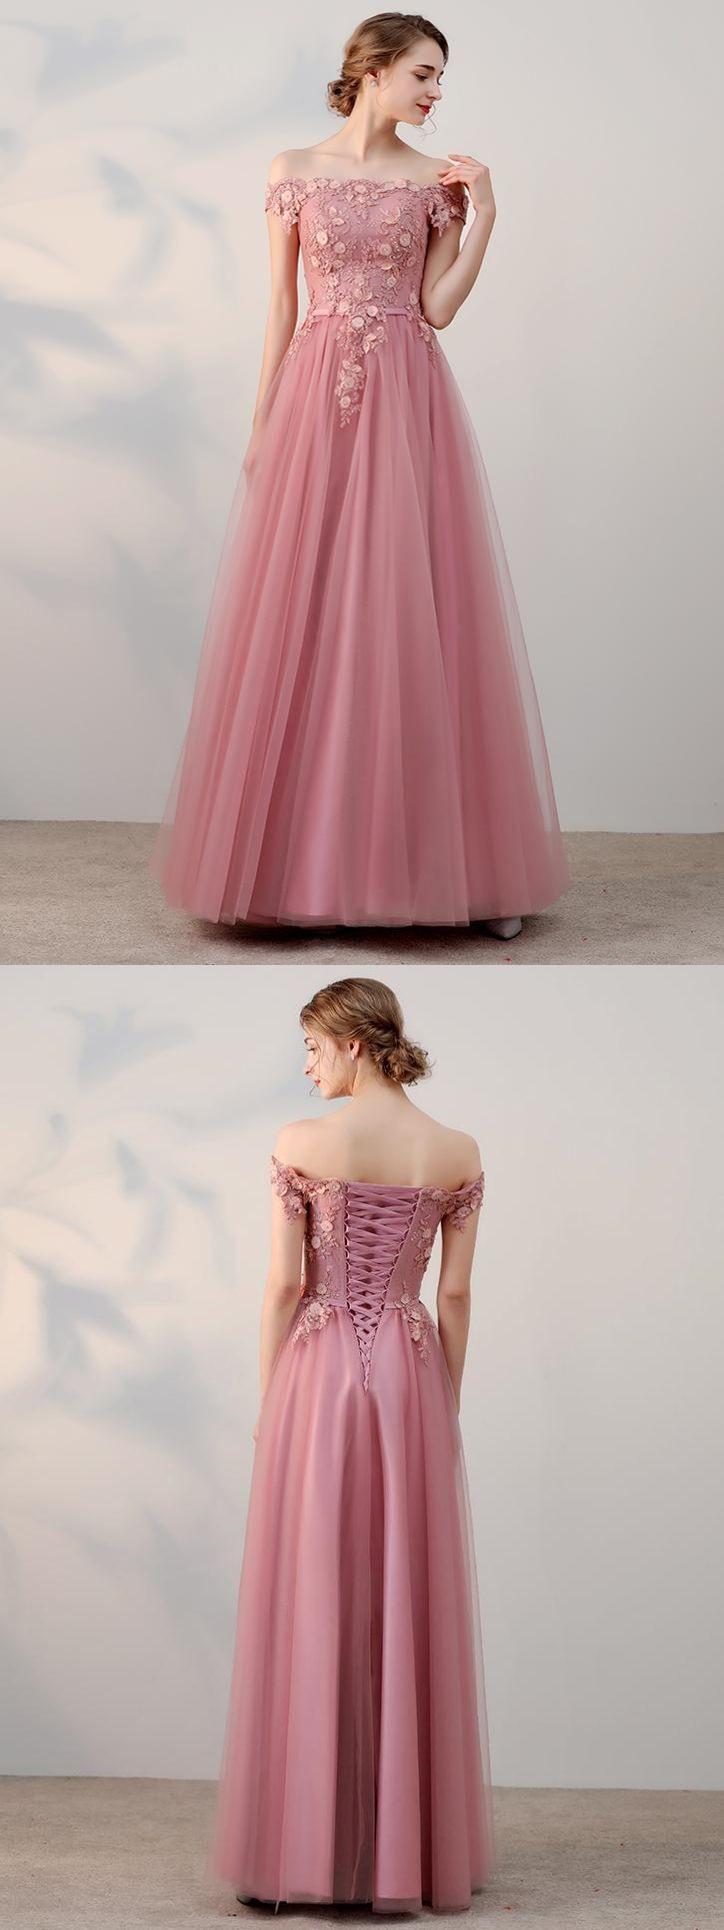 20 Ausgezeichnet Abendkleid Lang Xs StylishAbend Ausgezeichnet Abendkleid Lang Xs Ärmel